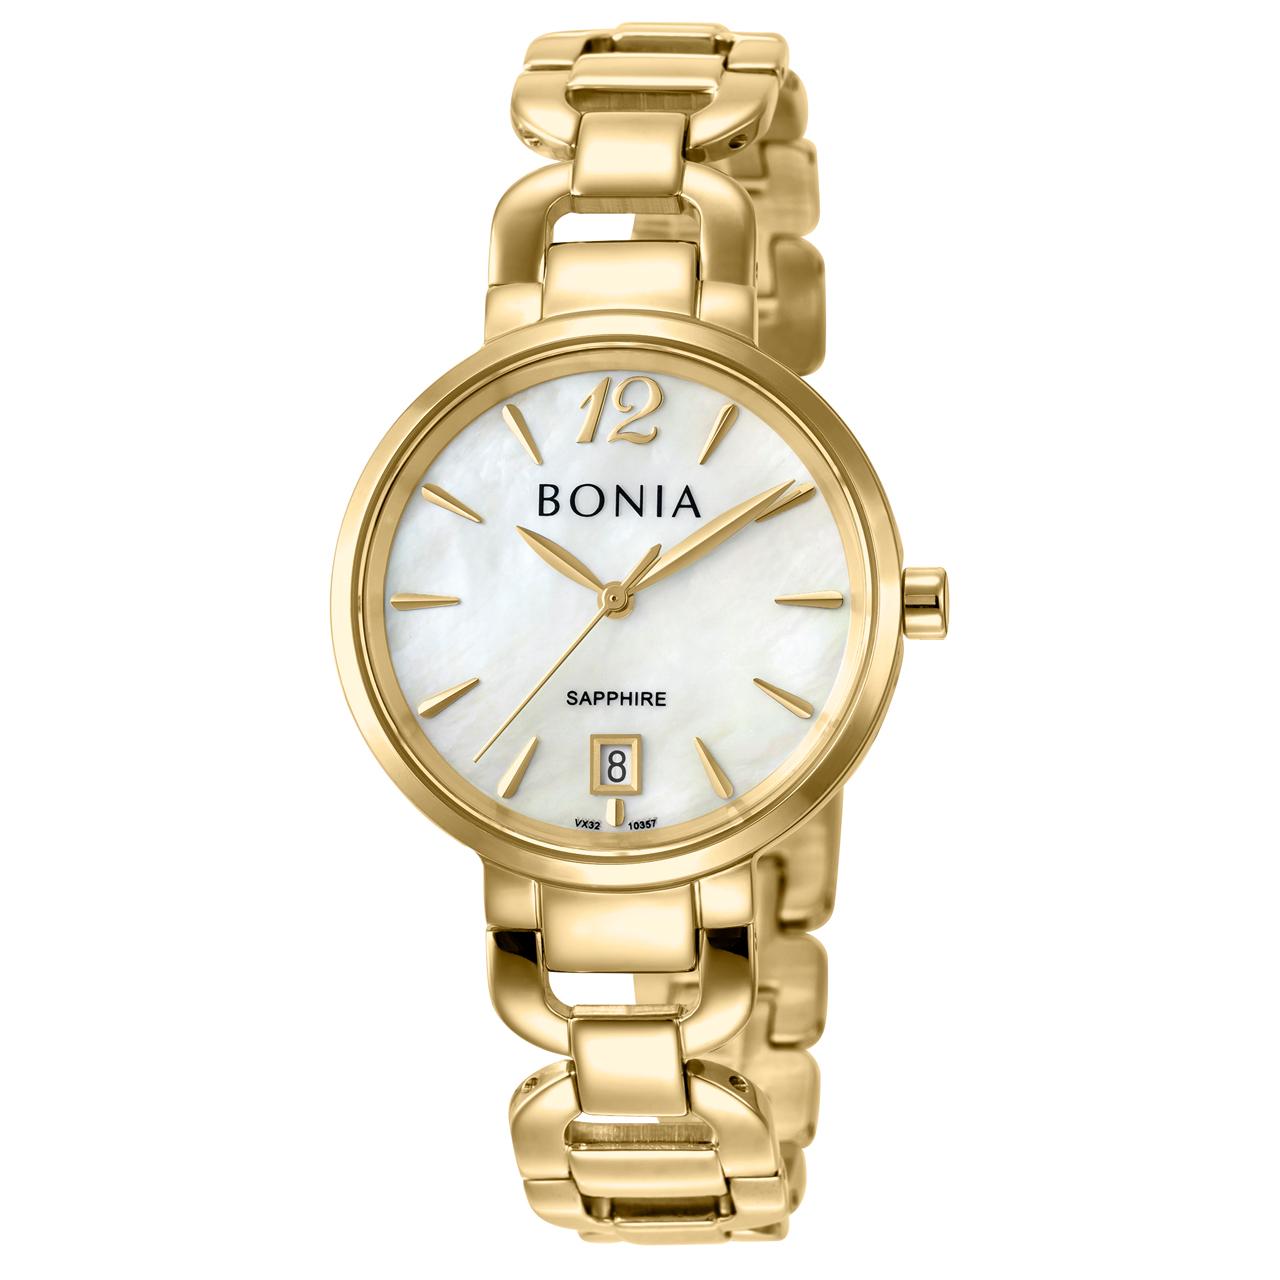 ساعت  زنانه بونیا کد BNB10357-2255